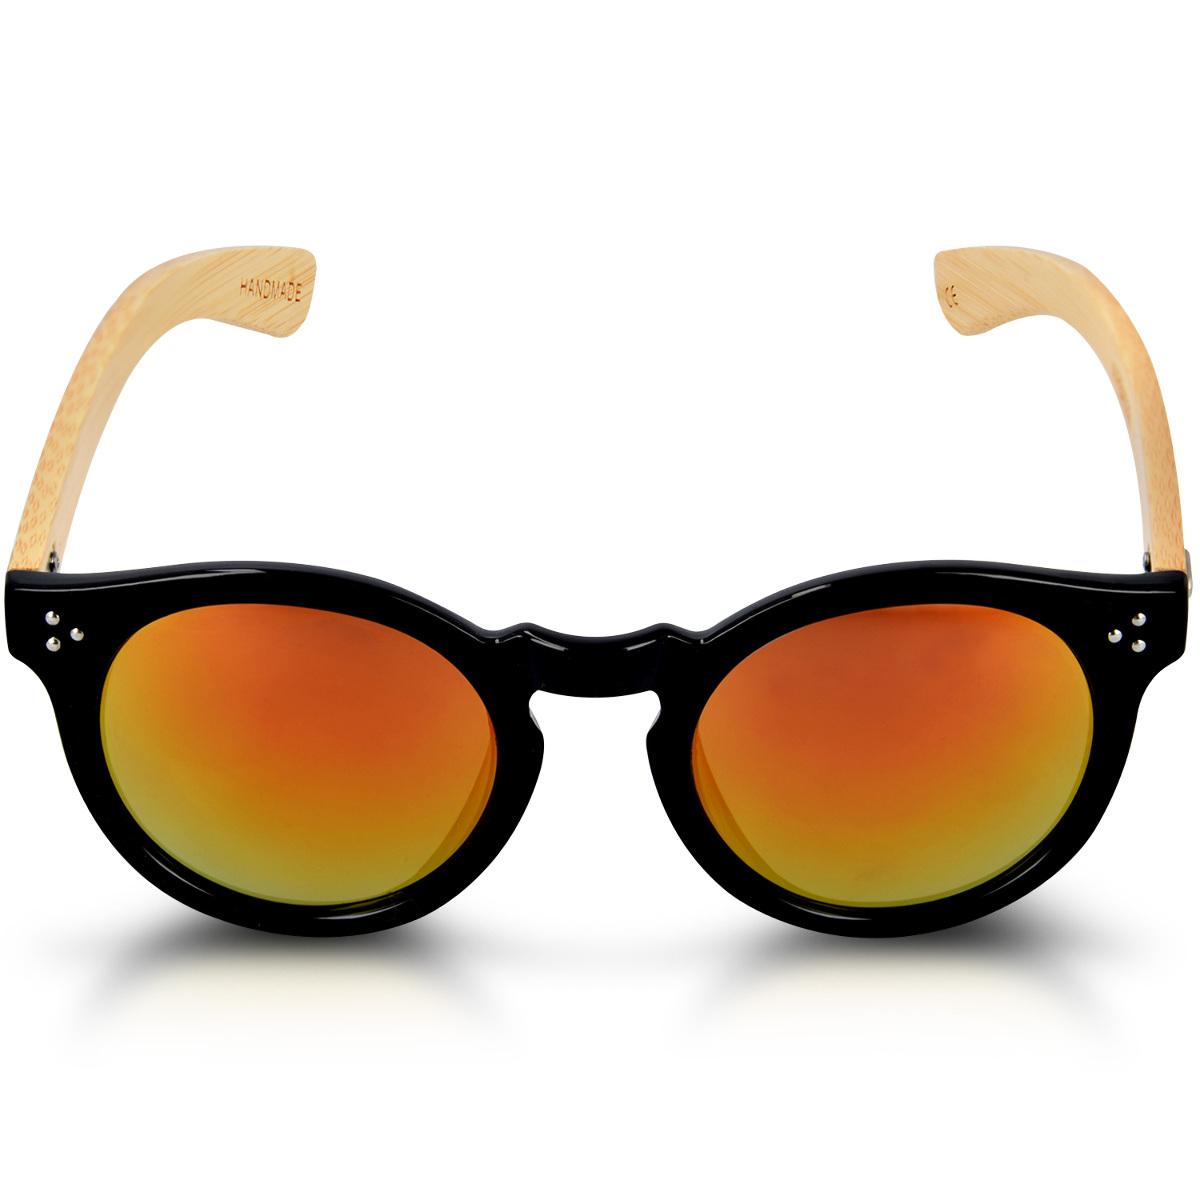 8acea57be505 Navaris UV400 Bamboo Sunglasses - Unisex Retro Wooden Optics Glasses -  Classic Wood Shades Women Men - Eyewear with Case Polarized Lenses. ‹ › ‹ ›  ‹ › ‹ ›